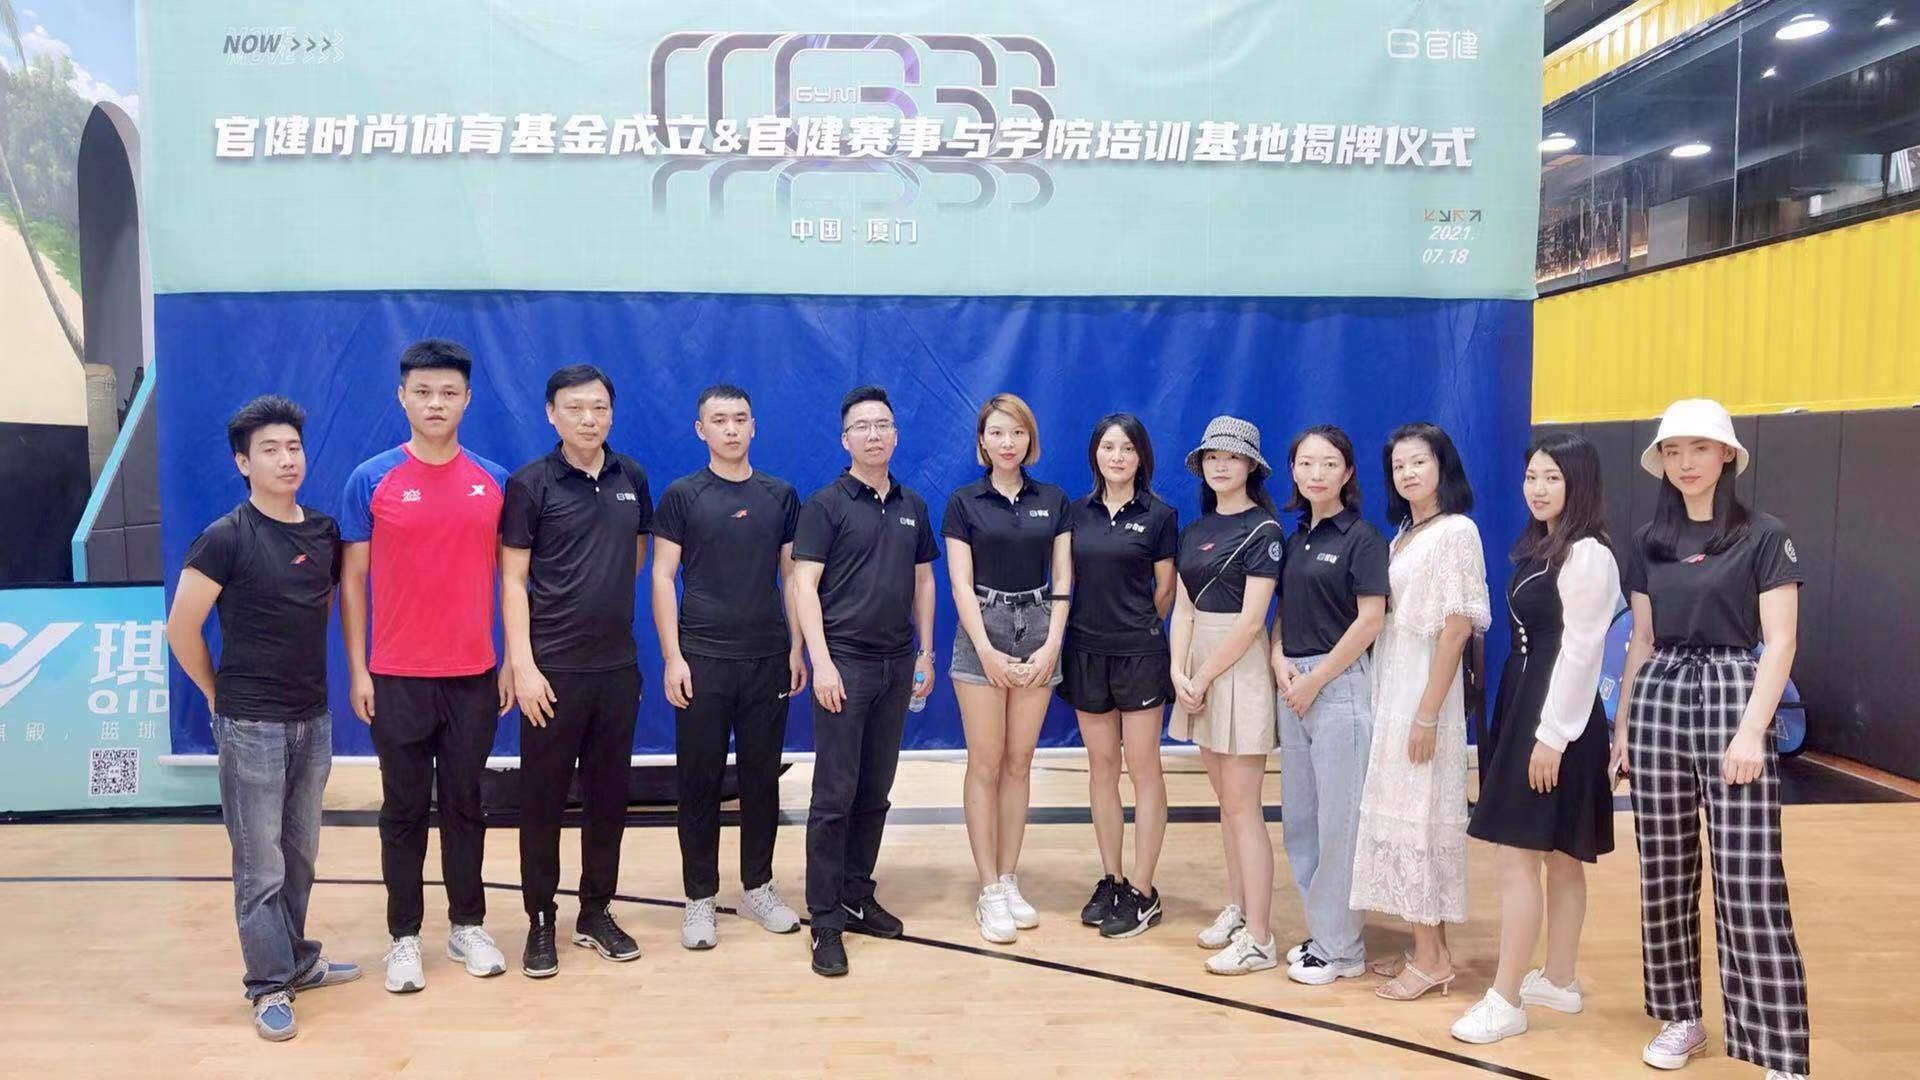 热烈庆祝:官健时尚体育基金官健赛事与学院基地揭牌仪式成功举行